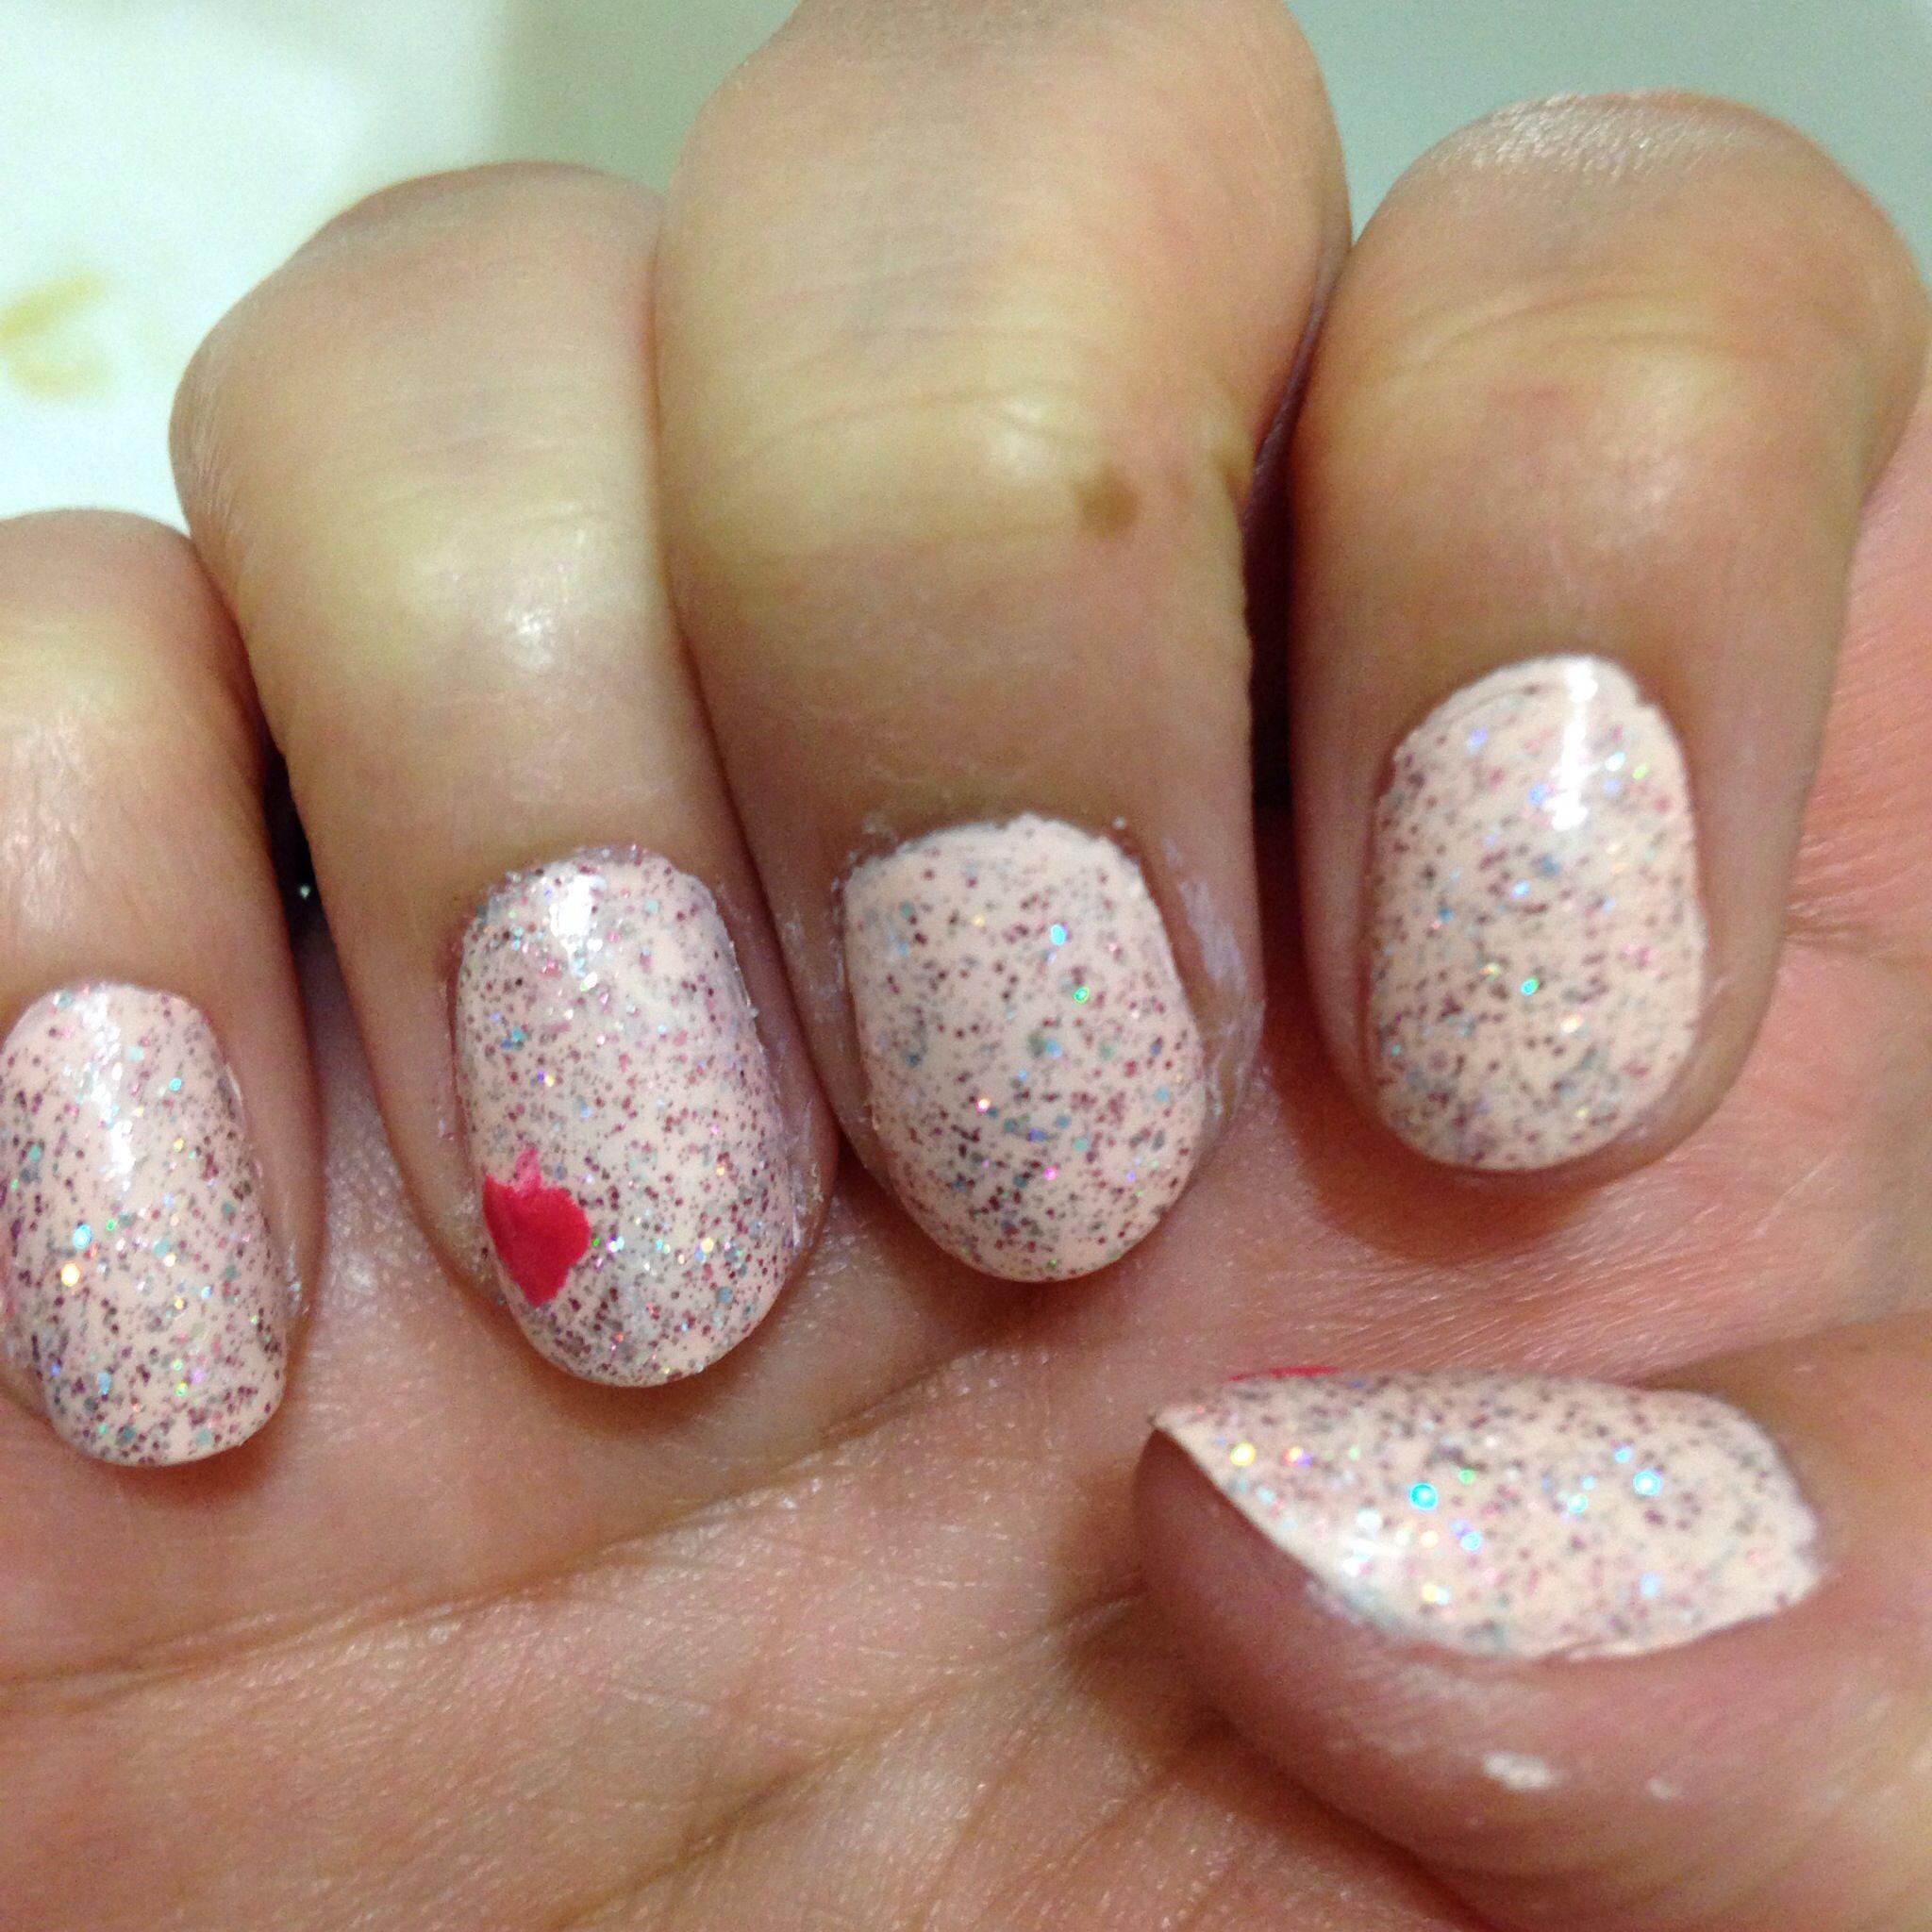 Day one of feb nail art glitter valentine nails | Stuff I\'ve Done ...